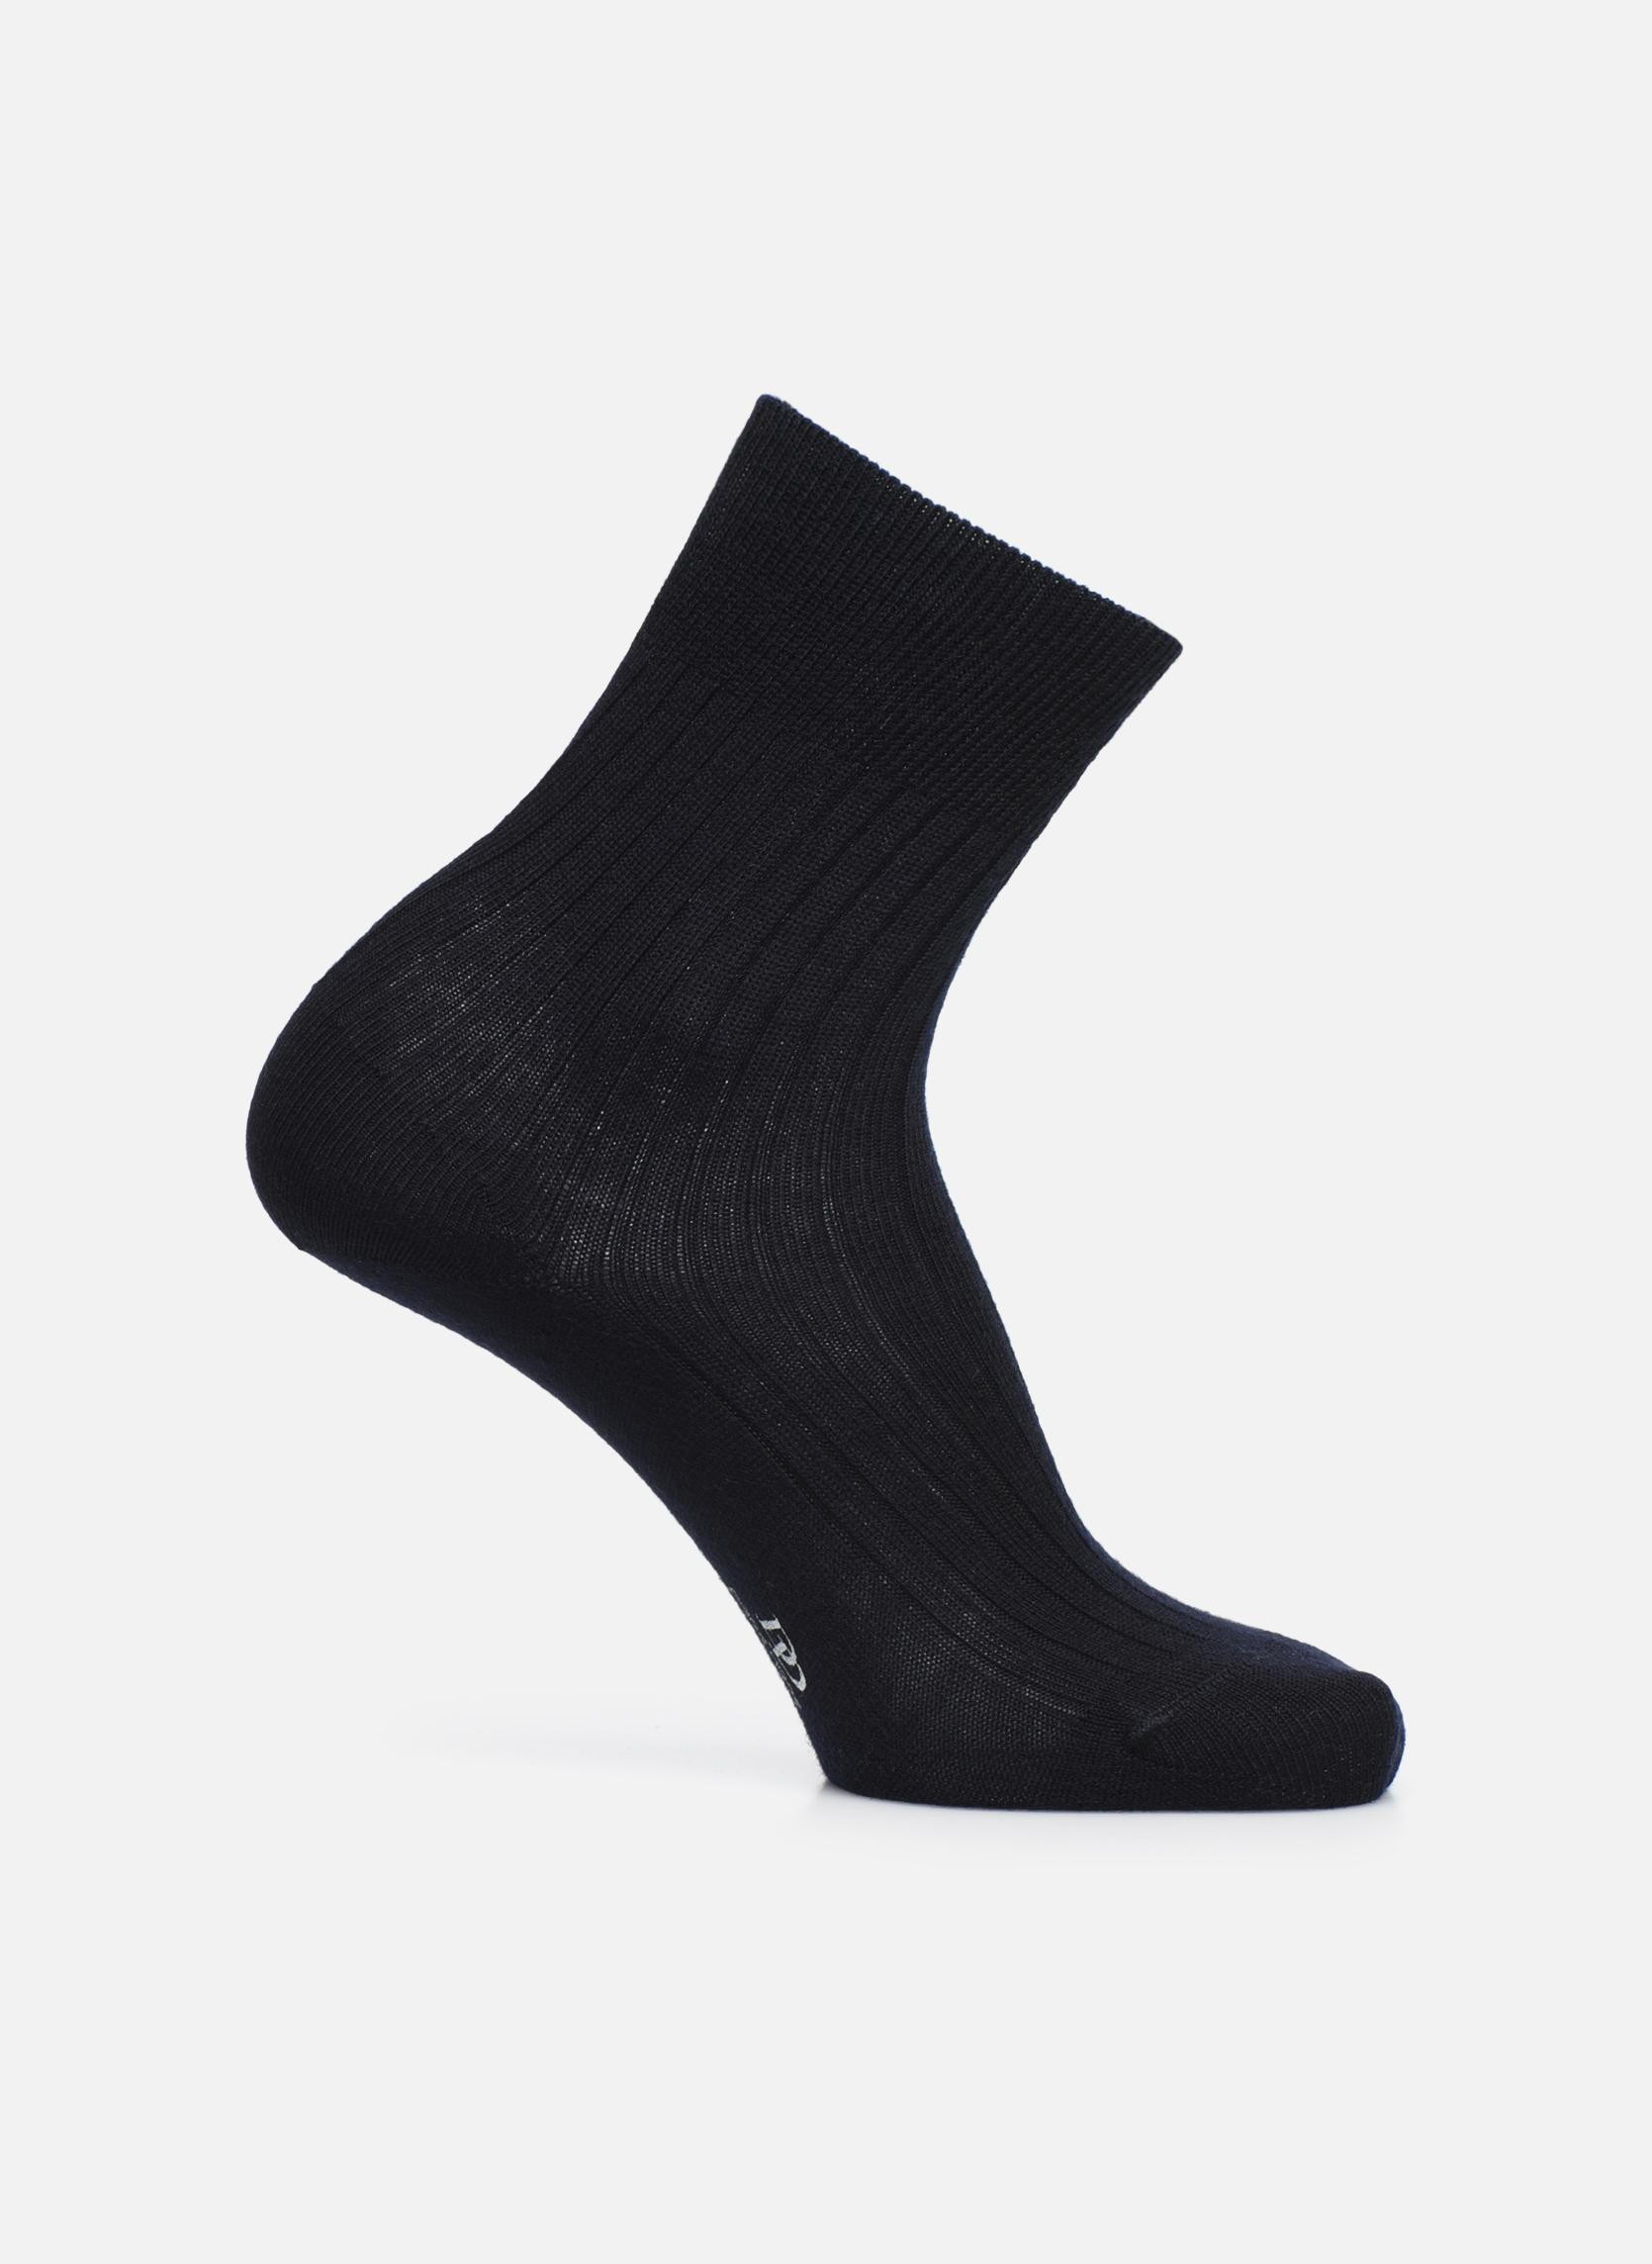 Socks INTEMPOREL 459 - marine